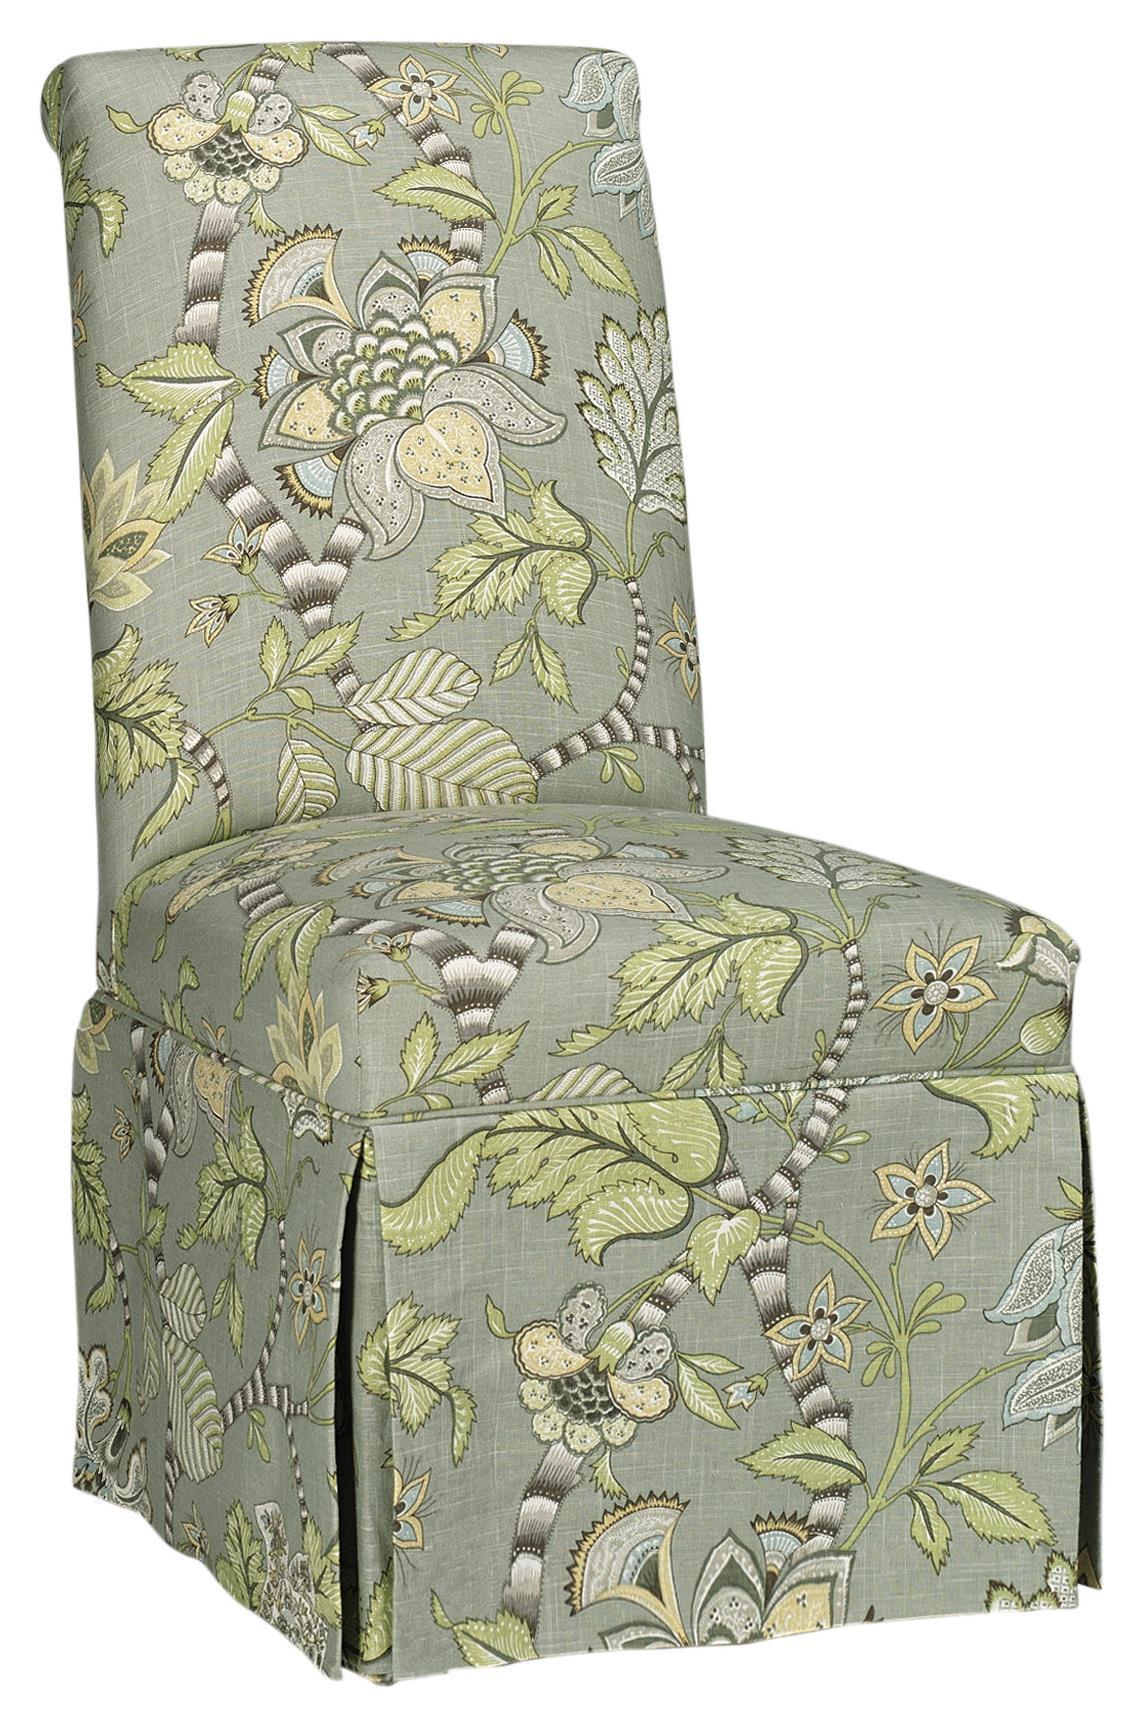 CMI Parson ChairsSkirted Parson Chair